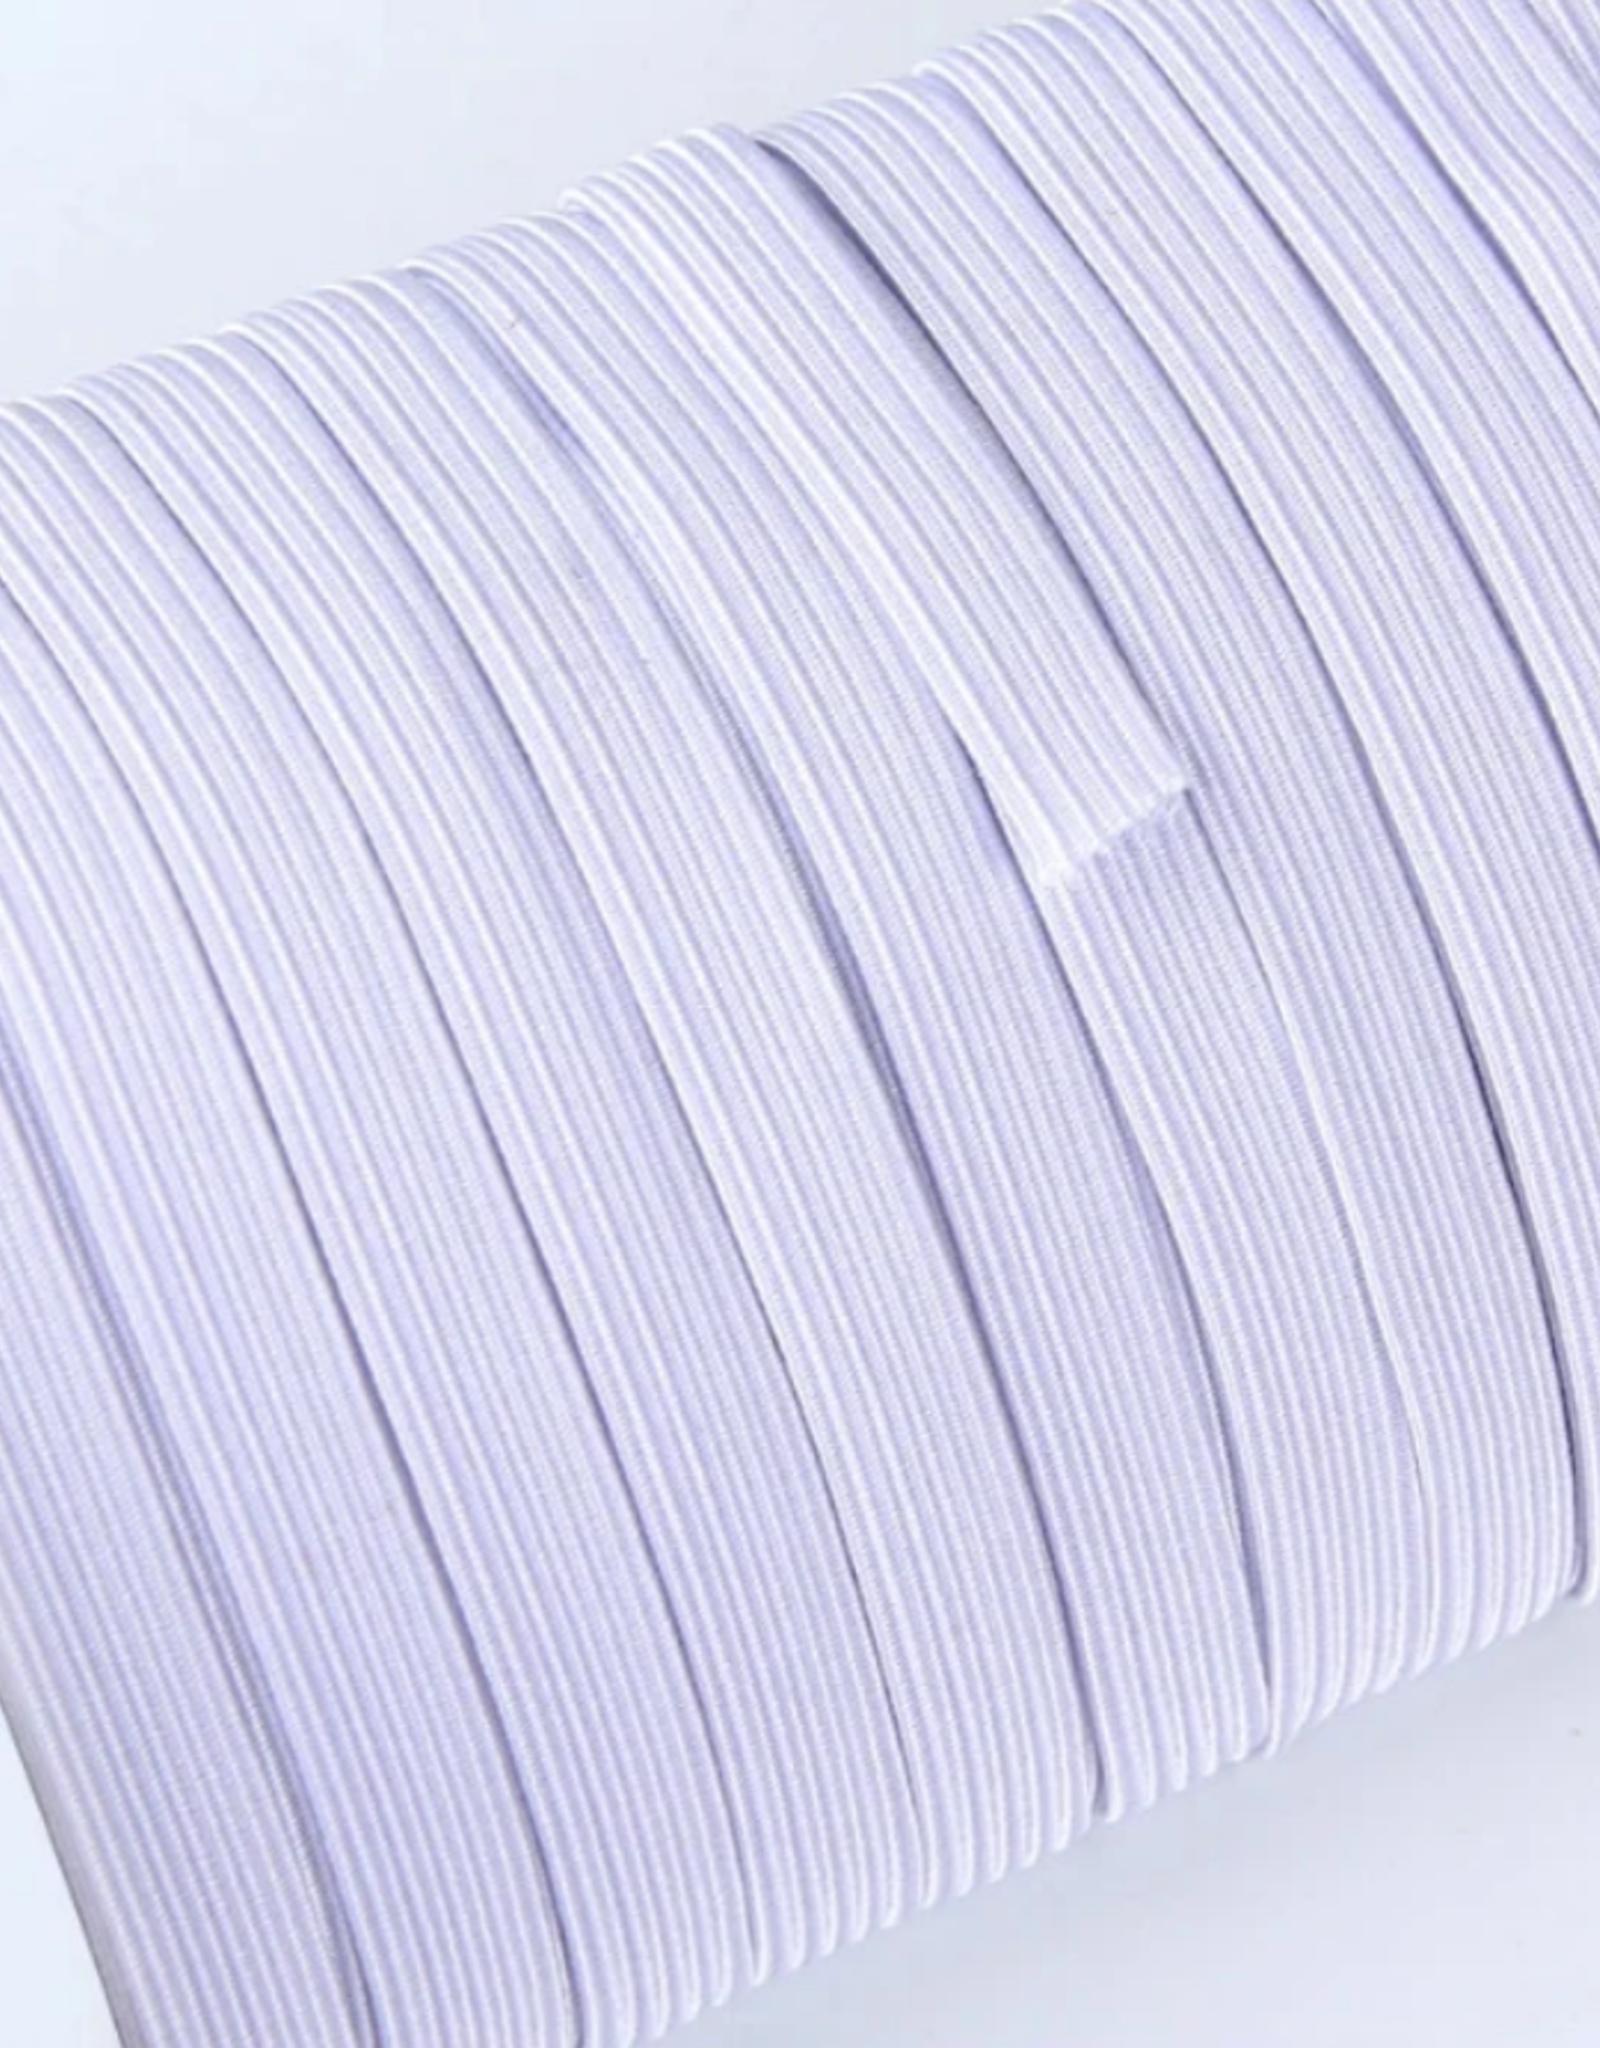 Kookvaste elastiek voor mondmaskers 6mm - per meter